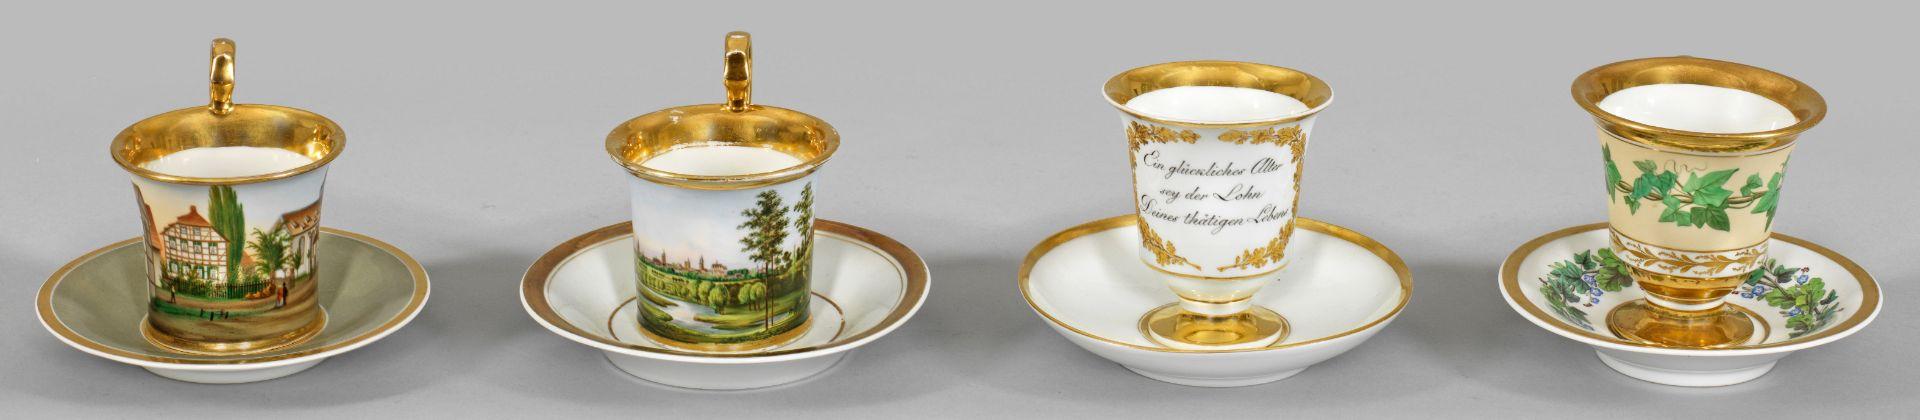 Vier Biedermeier-Tassen